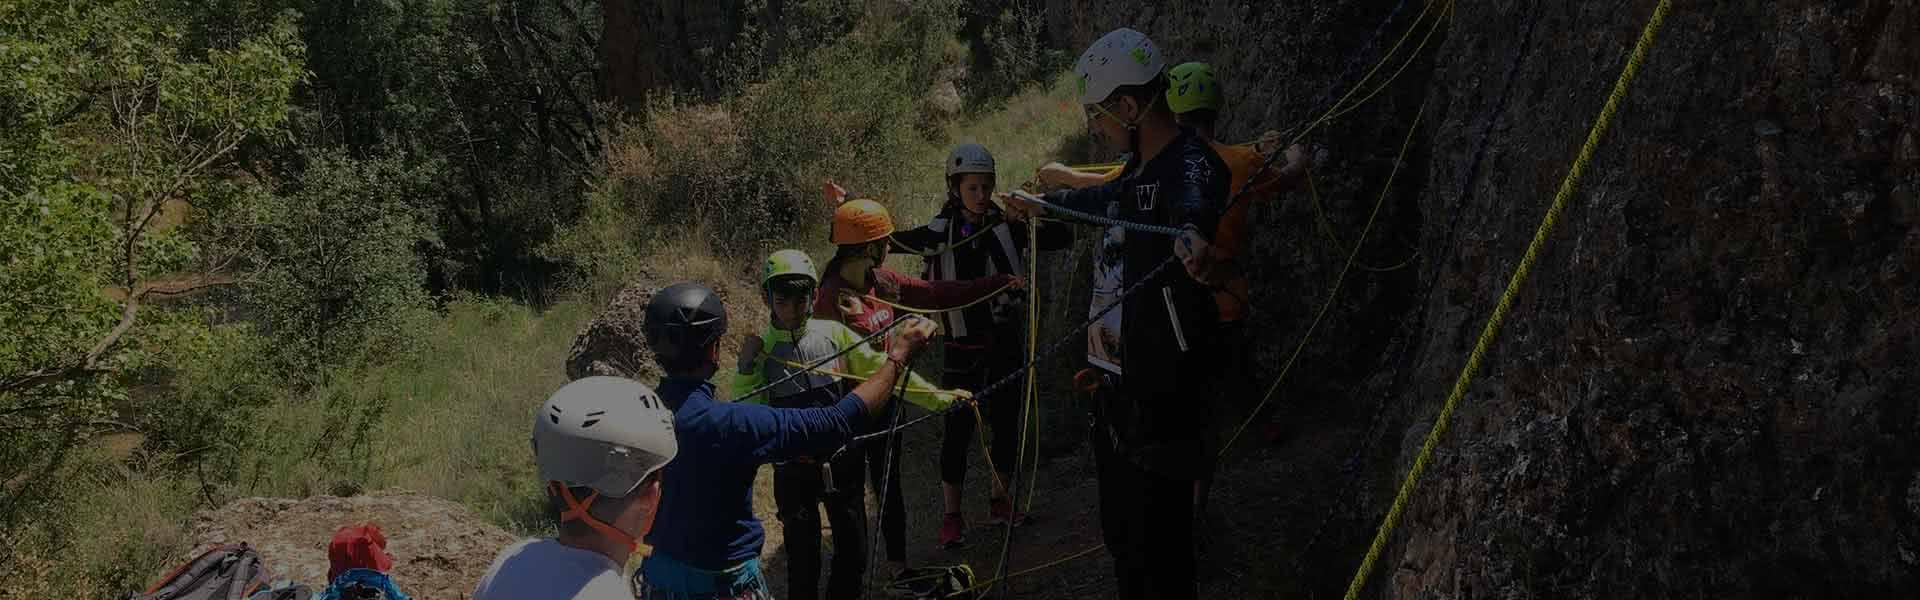 Curso iniciacion a la escalada para jovenes en Calcena